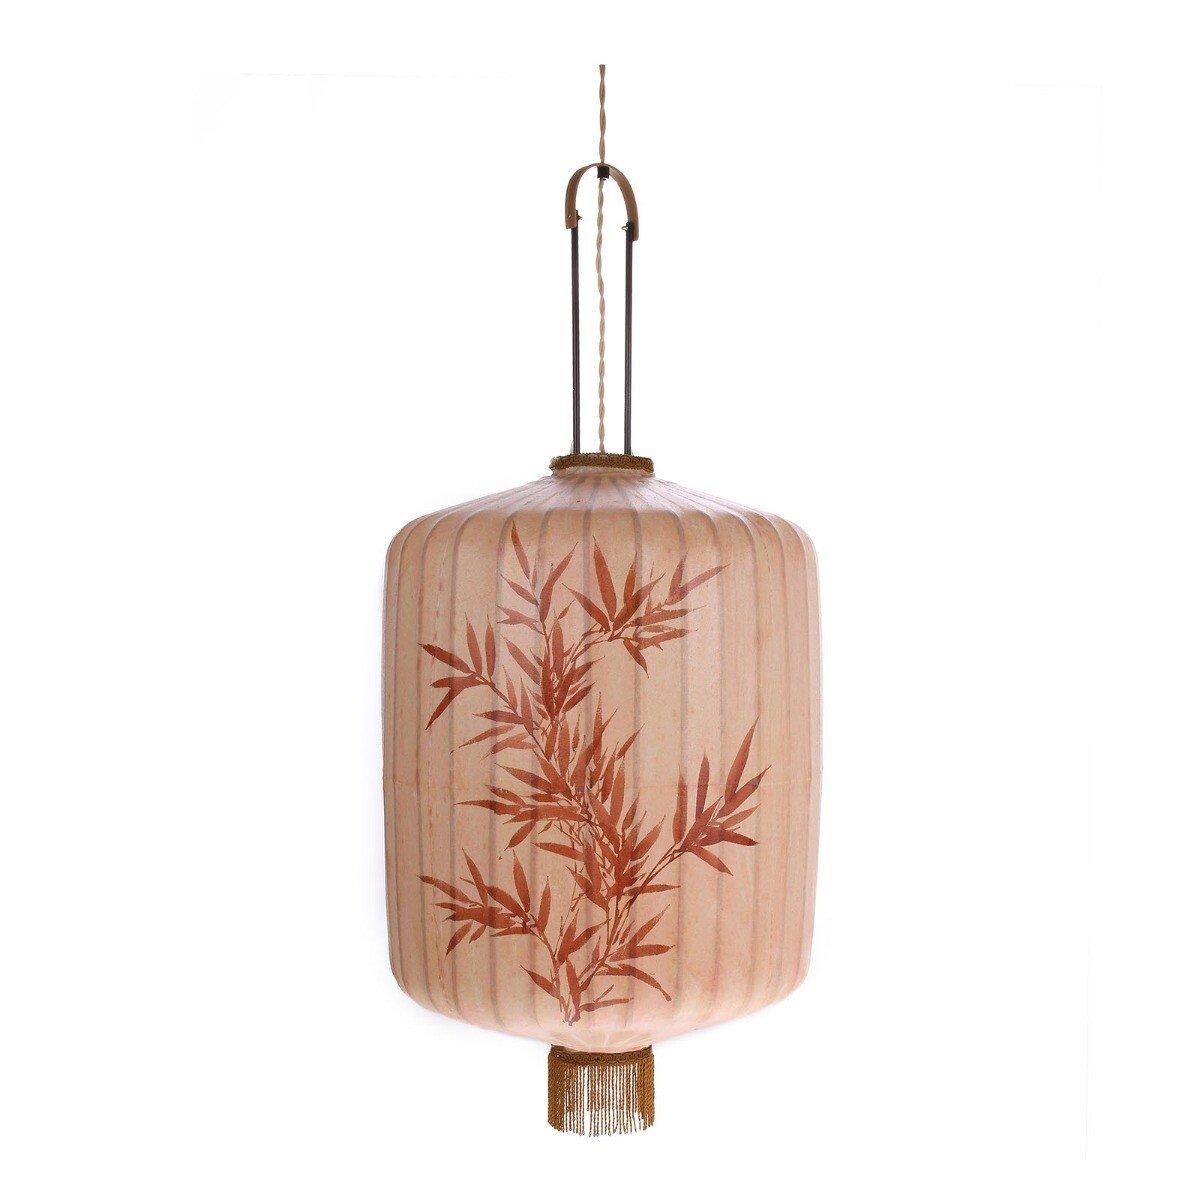 HKliving hanglamp stoffen lantaarn XL 62 x 45